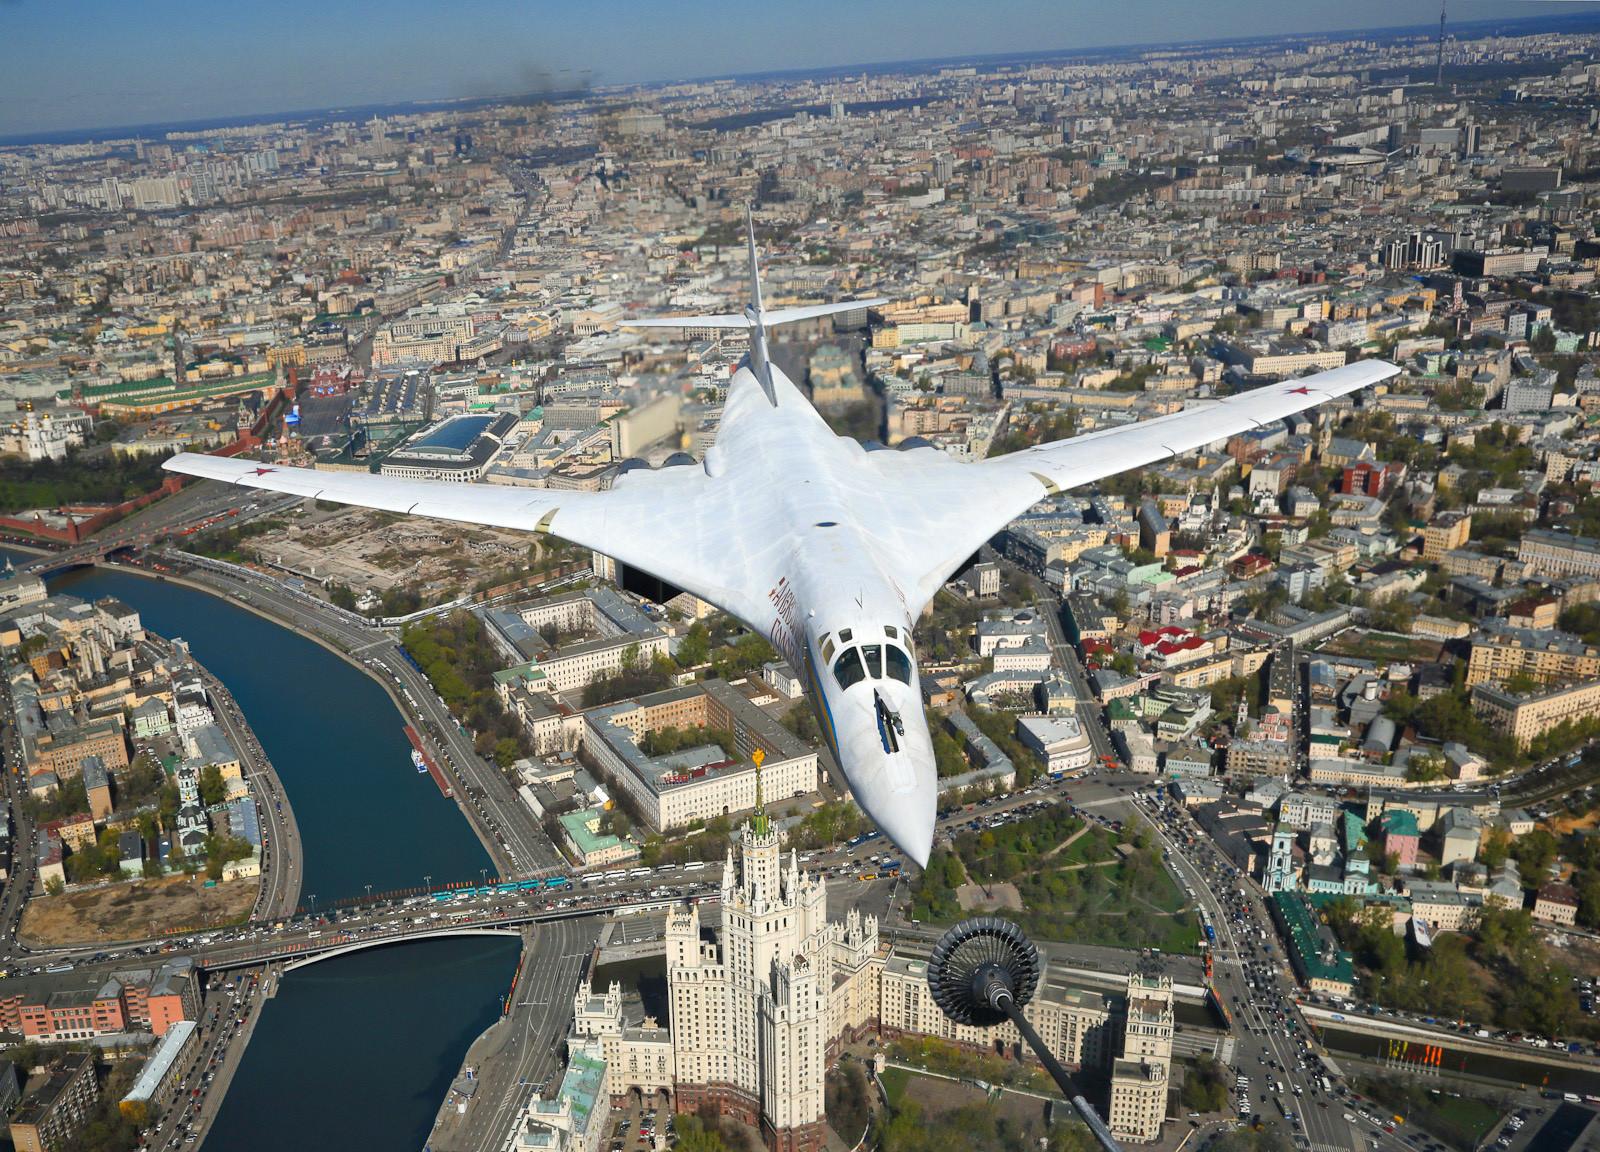 Il Tupolev Tu-160 è un bombardiere strategico supersonico, quadrimotore ad ala a geometria variabile. Qui in volo sopra Mosca